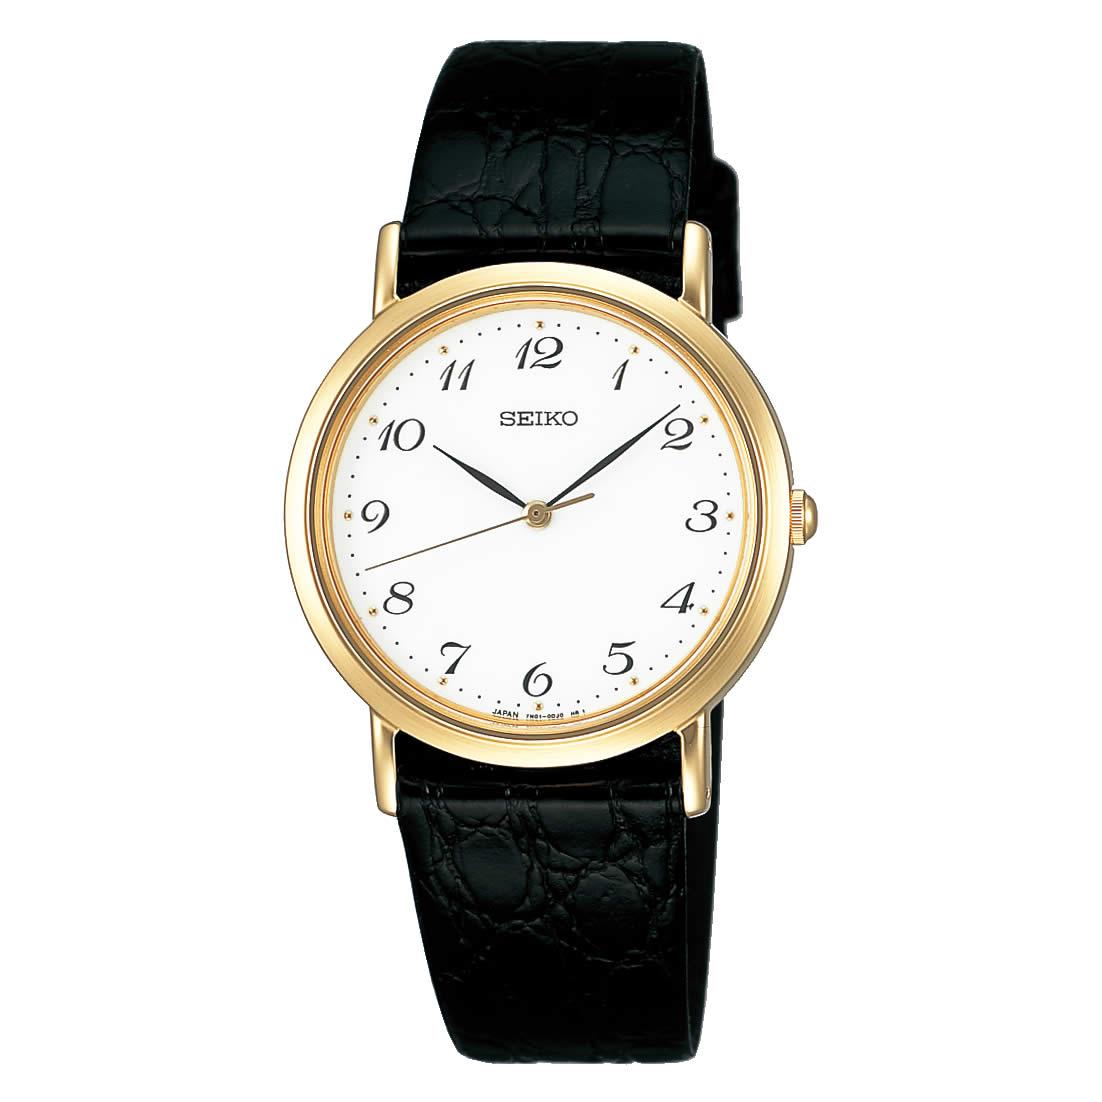 【送料無料】【国内正規品】セイコー スピリット SEIKO SPIRIT 腕時計 クオーツ 革ベルト メンズ SCDP030 50M 5気圧防水 ビジネス シンプル ペアウォッチ ペア腕時計 レザー 型押し 人気 うでどけい とけい WATCH 時計【取り寄せ】